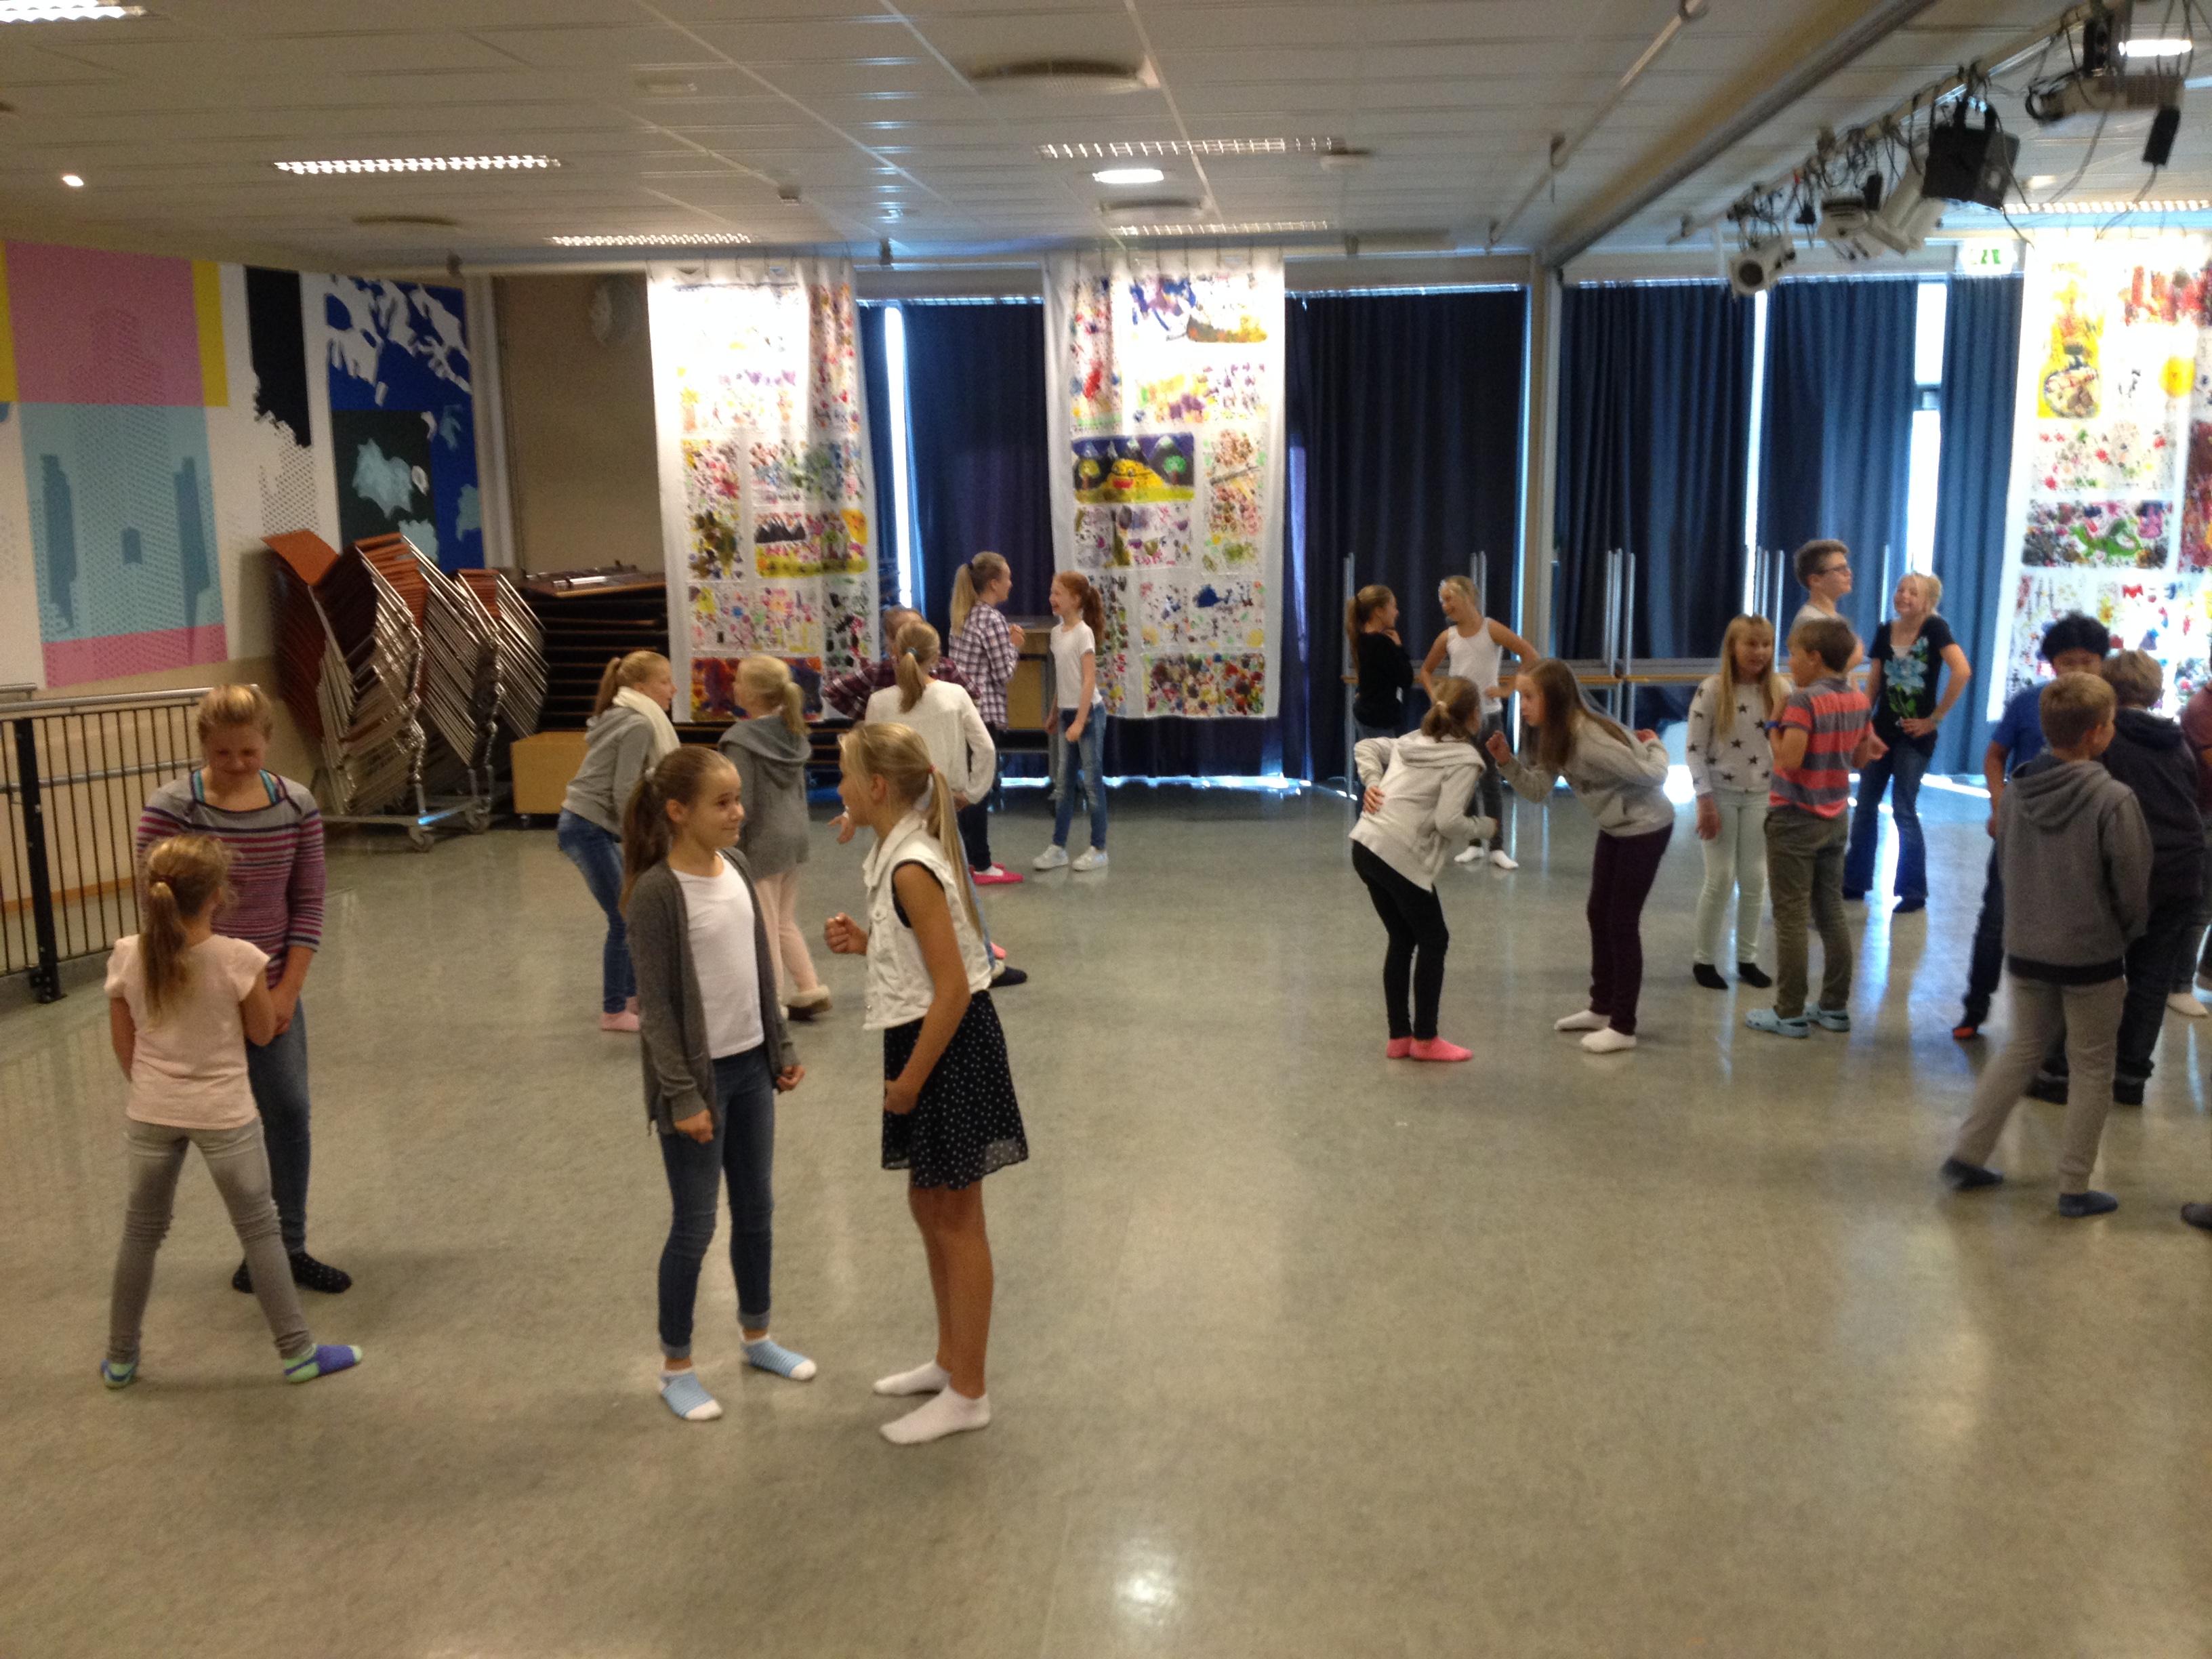 Oppvarmingsøvelser Før Forumteaterspill, Bogstad Skole I Oslo.